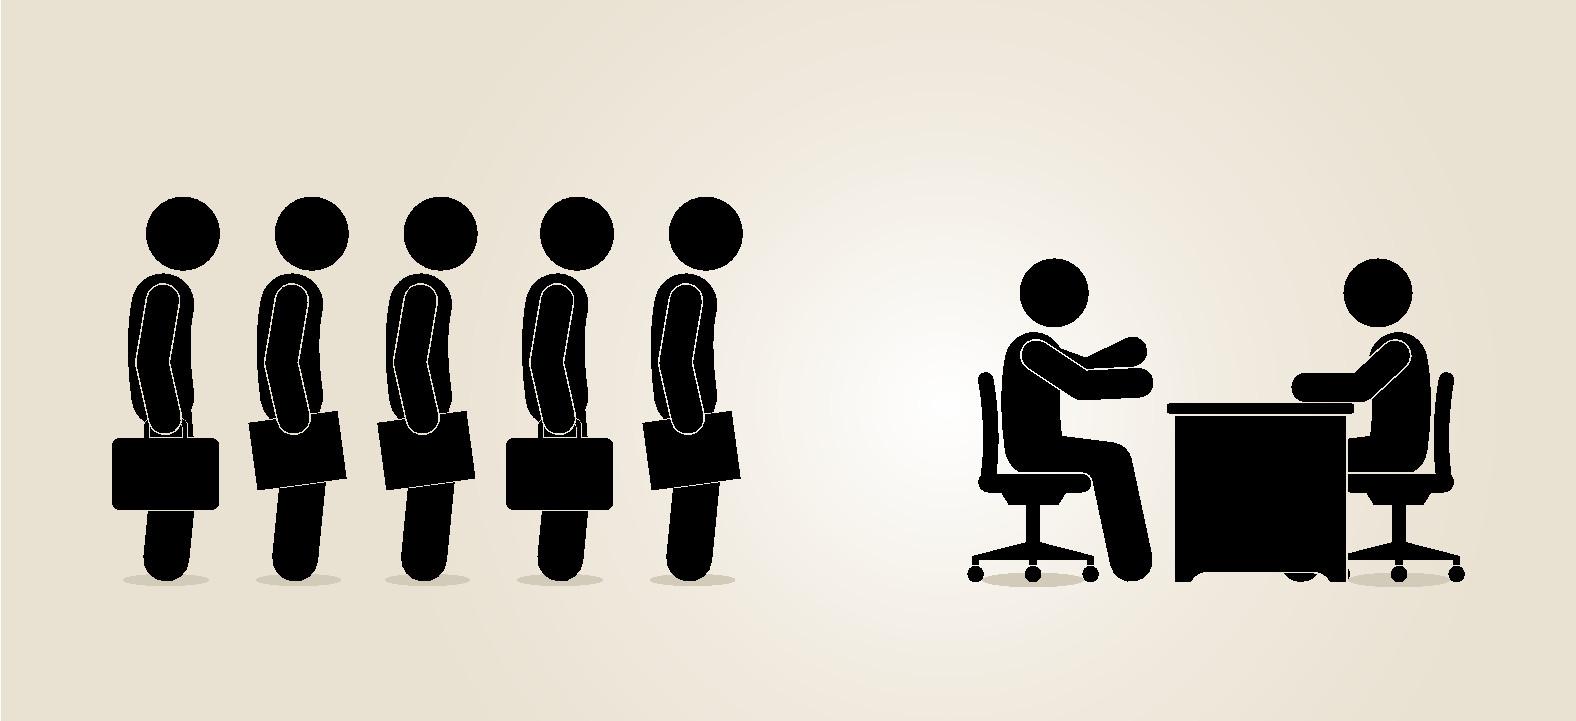 Ta firma wie, kiedy chcesz rzucić pracę i powie o tym twojemu szefowi